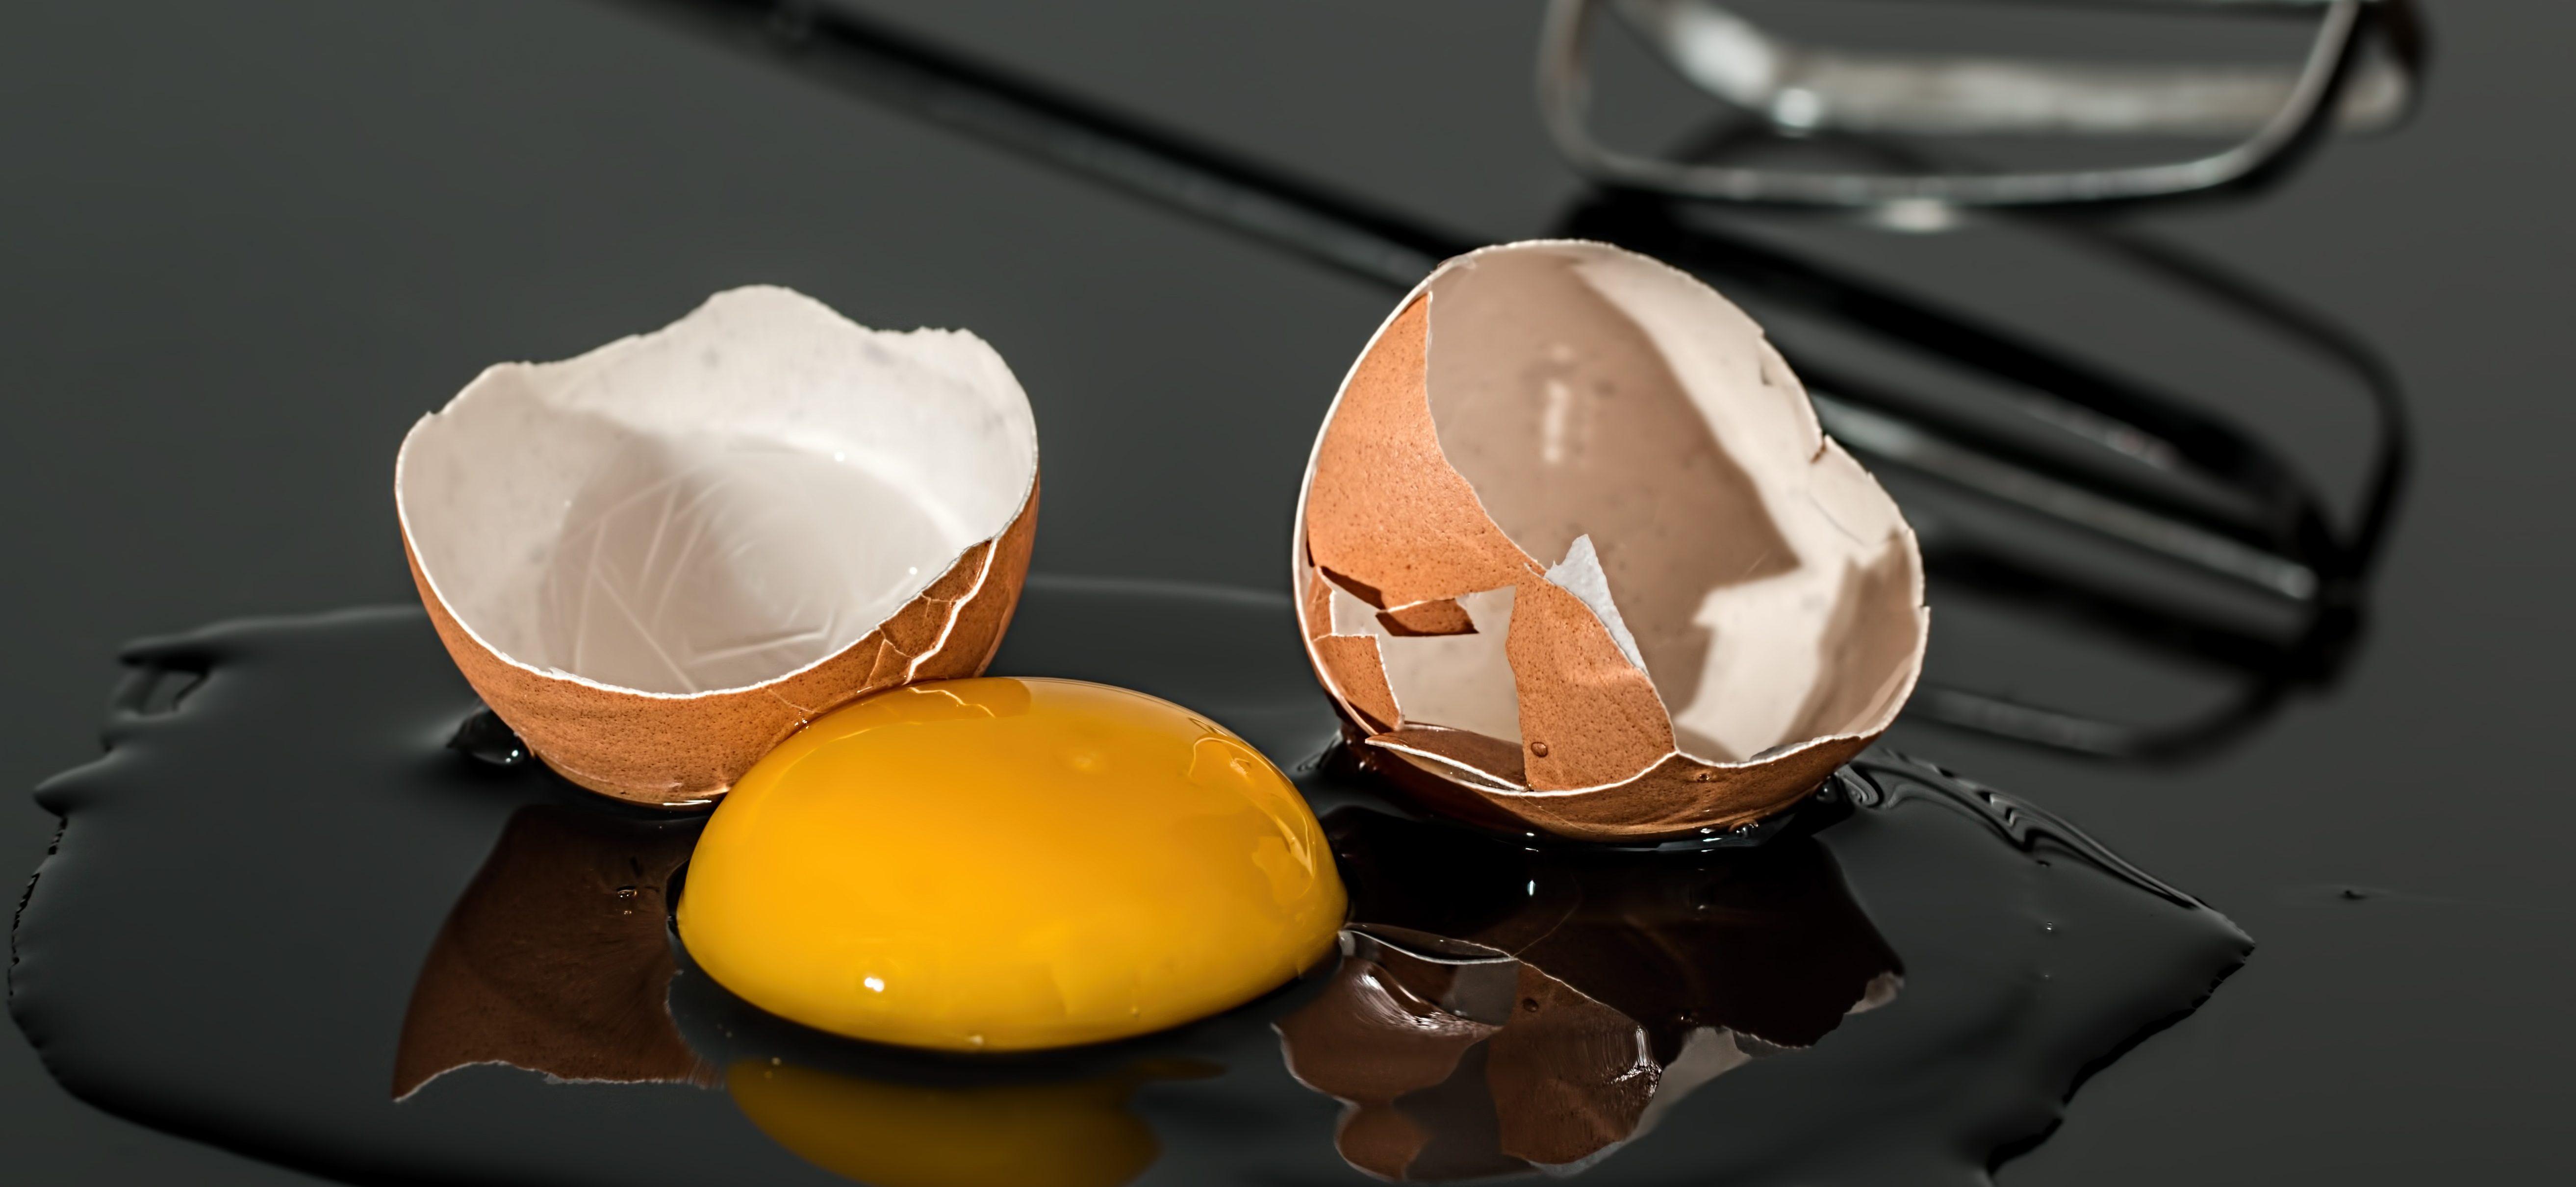 æg råt blomme holdbarhed